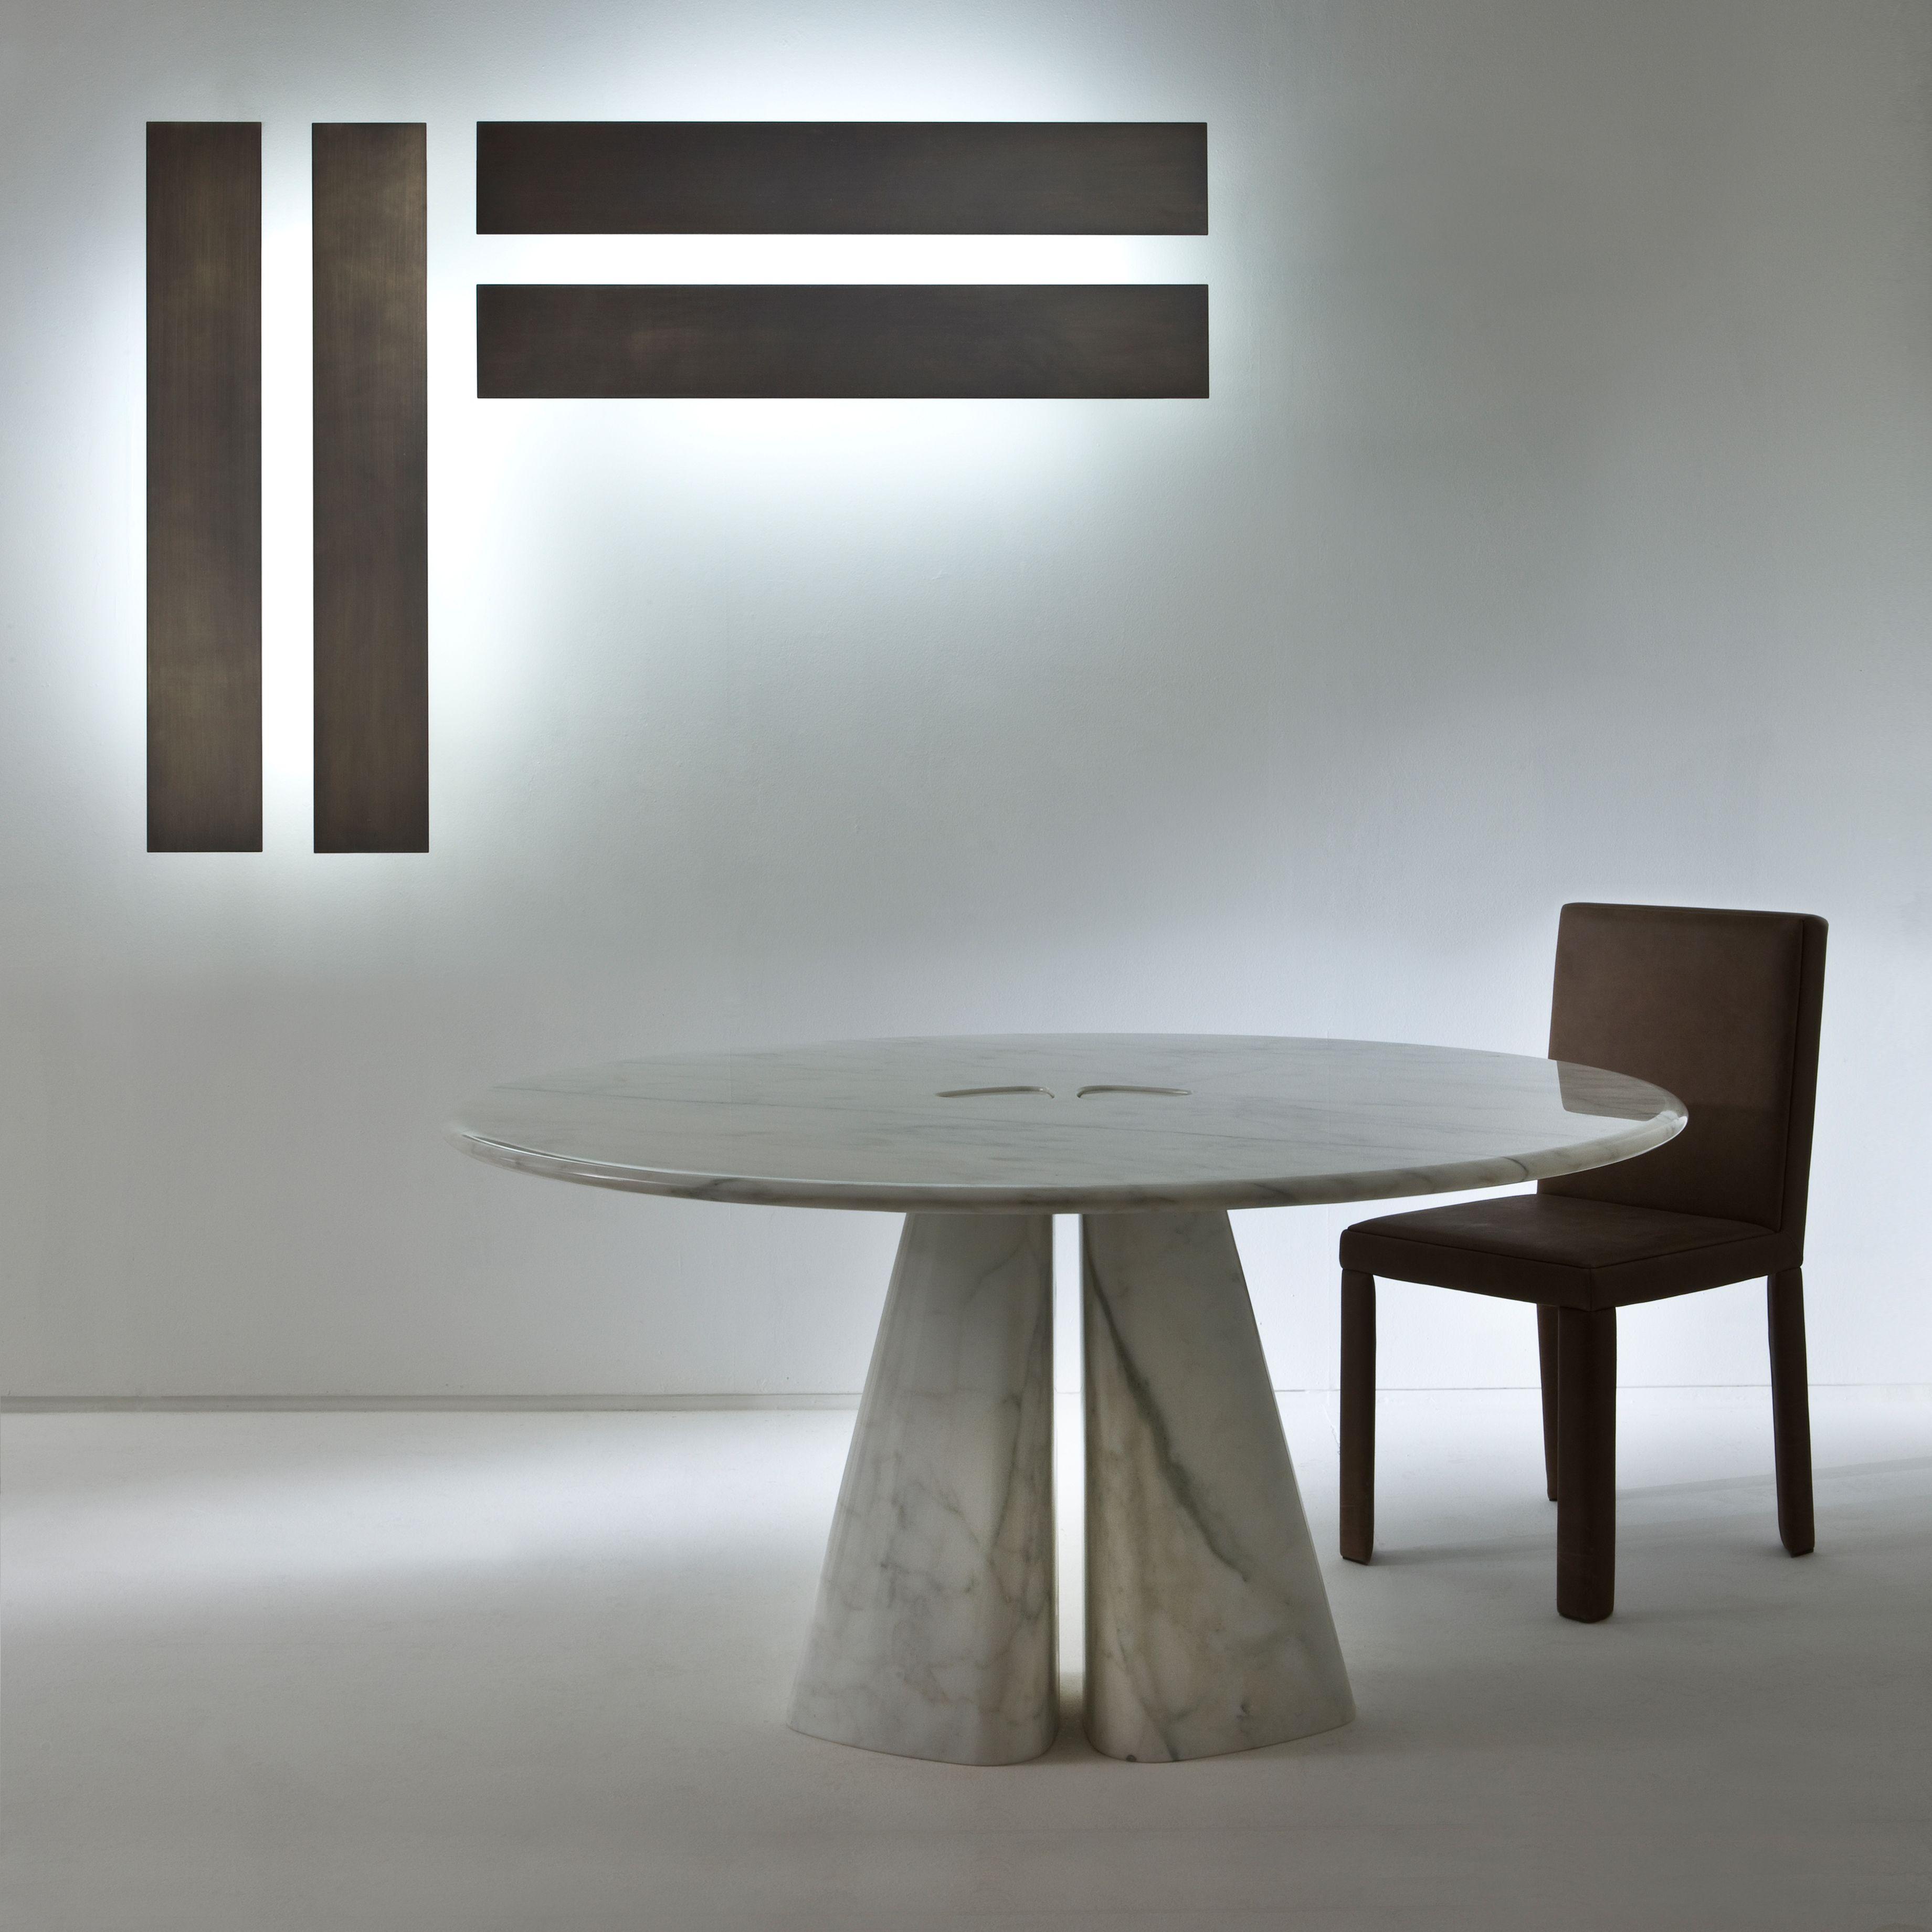 Tavolo rotondo in marmo raja bd44 r collezione maxima by - Tavolo marmo design ...